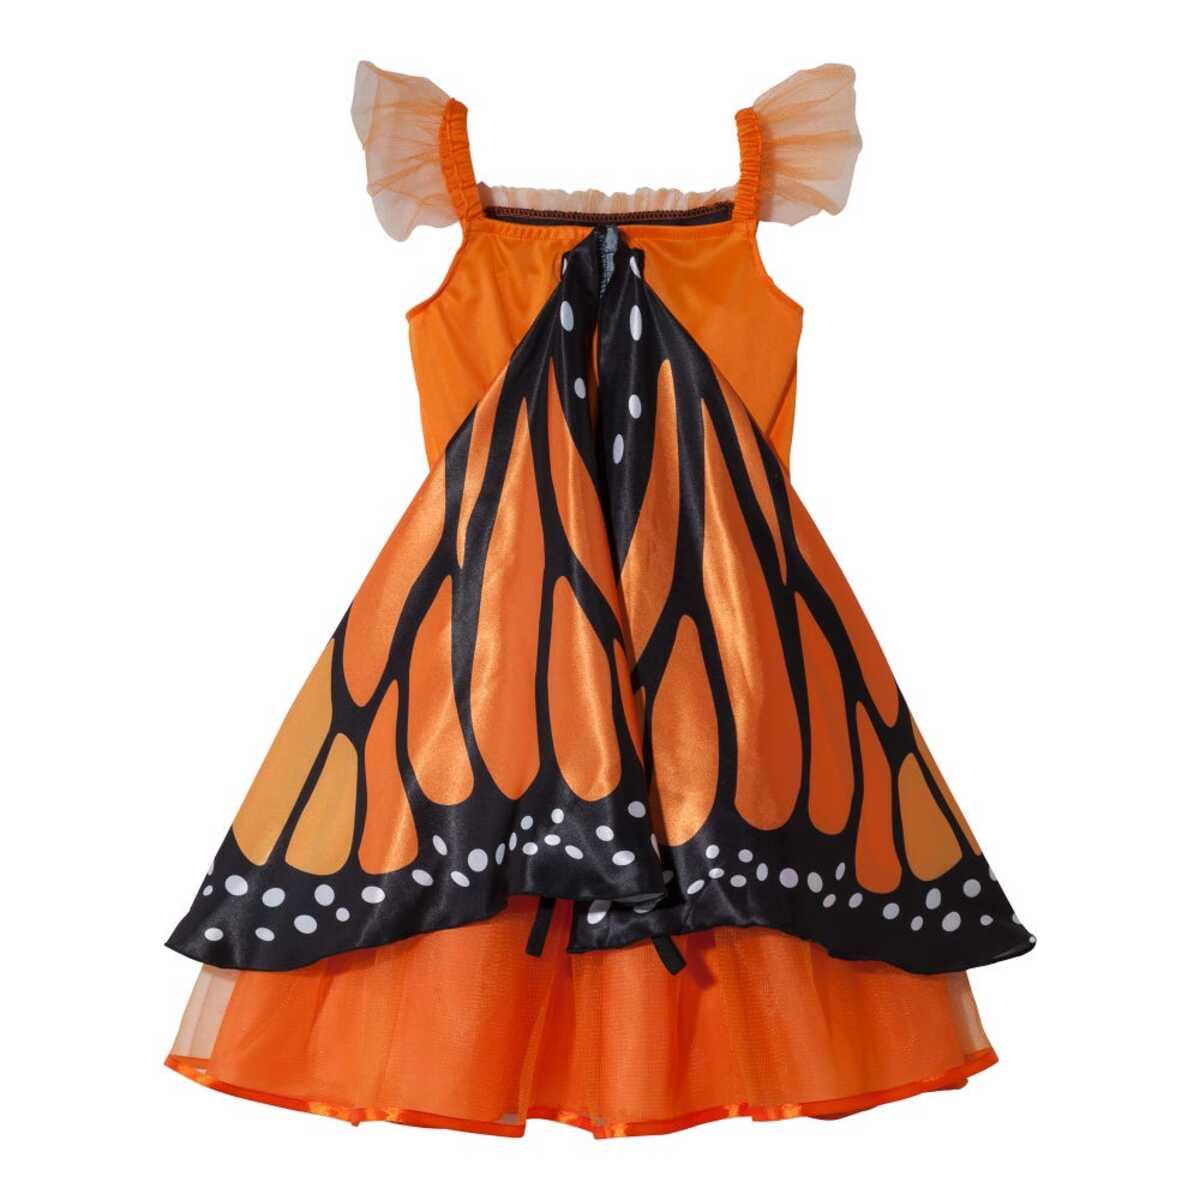 Bild 3 von Schmetterling- oder Pfau-Kostüm mit Flügeln für Erwachsene